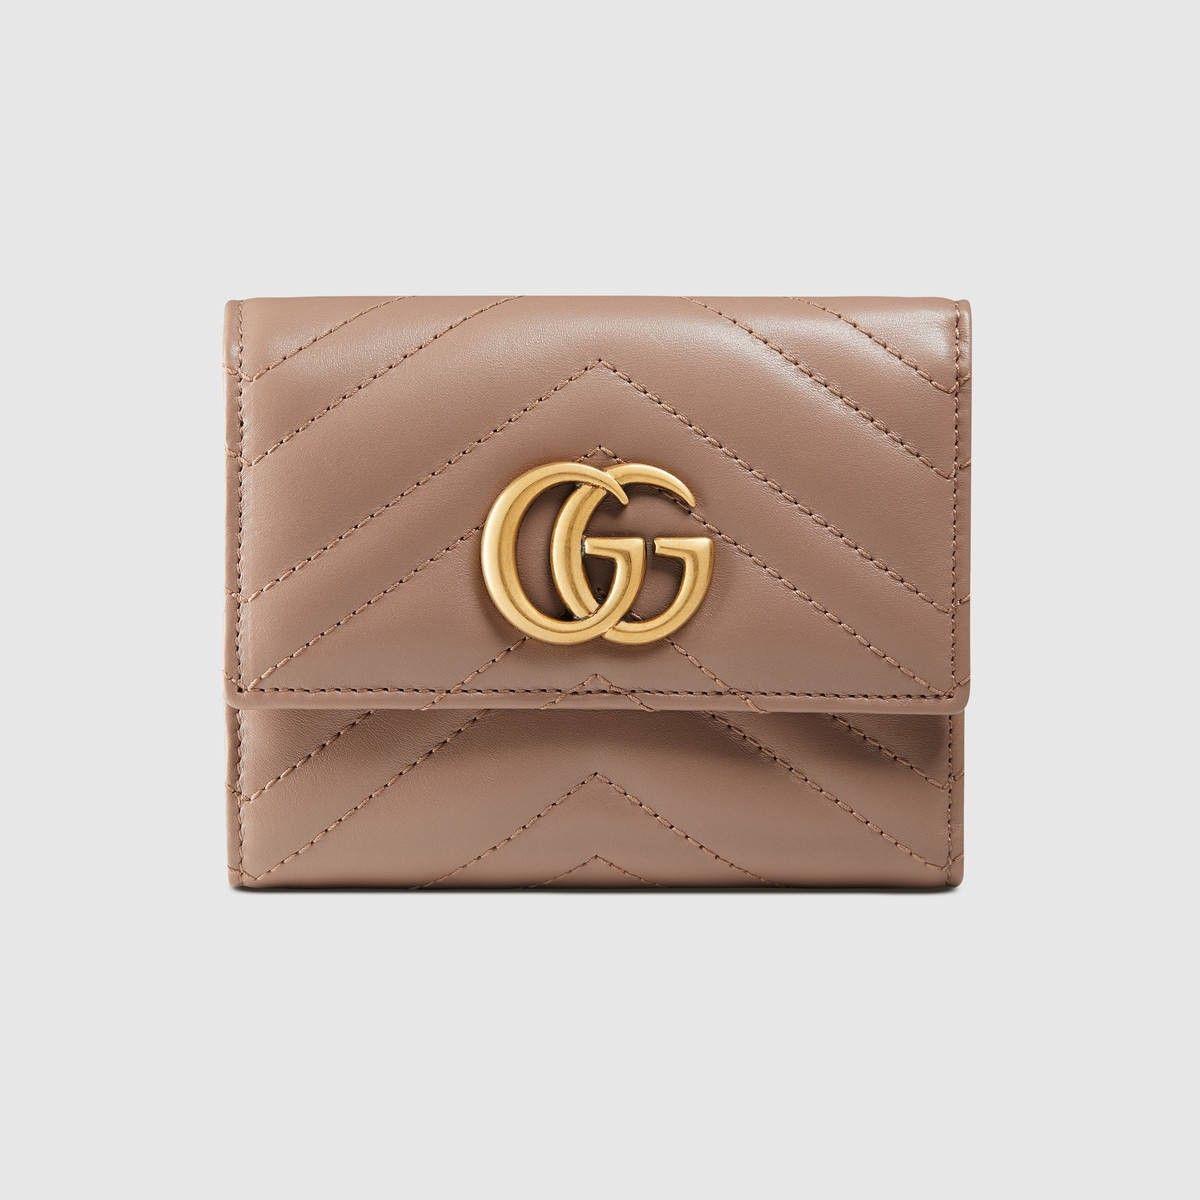 bcf424f887c1 GUCCI Gg Marmont Matelassé Wallet - Pink Matelassé Leather. #gucci #all